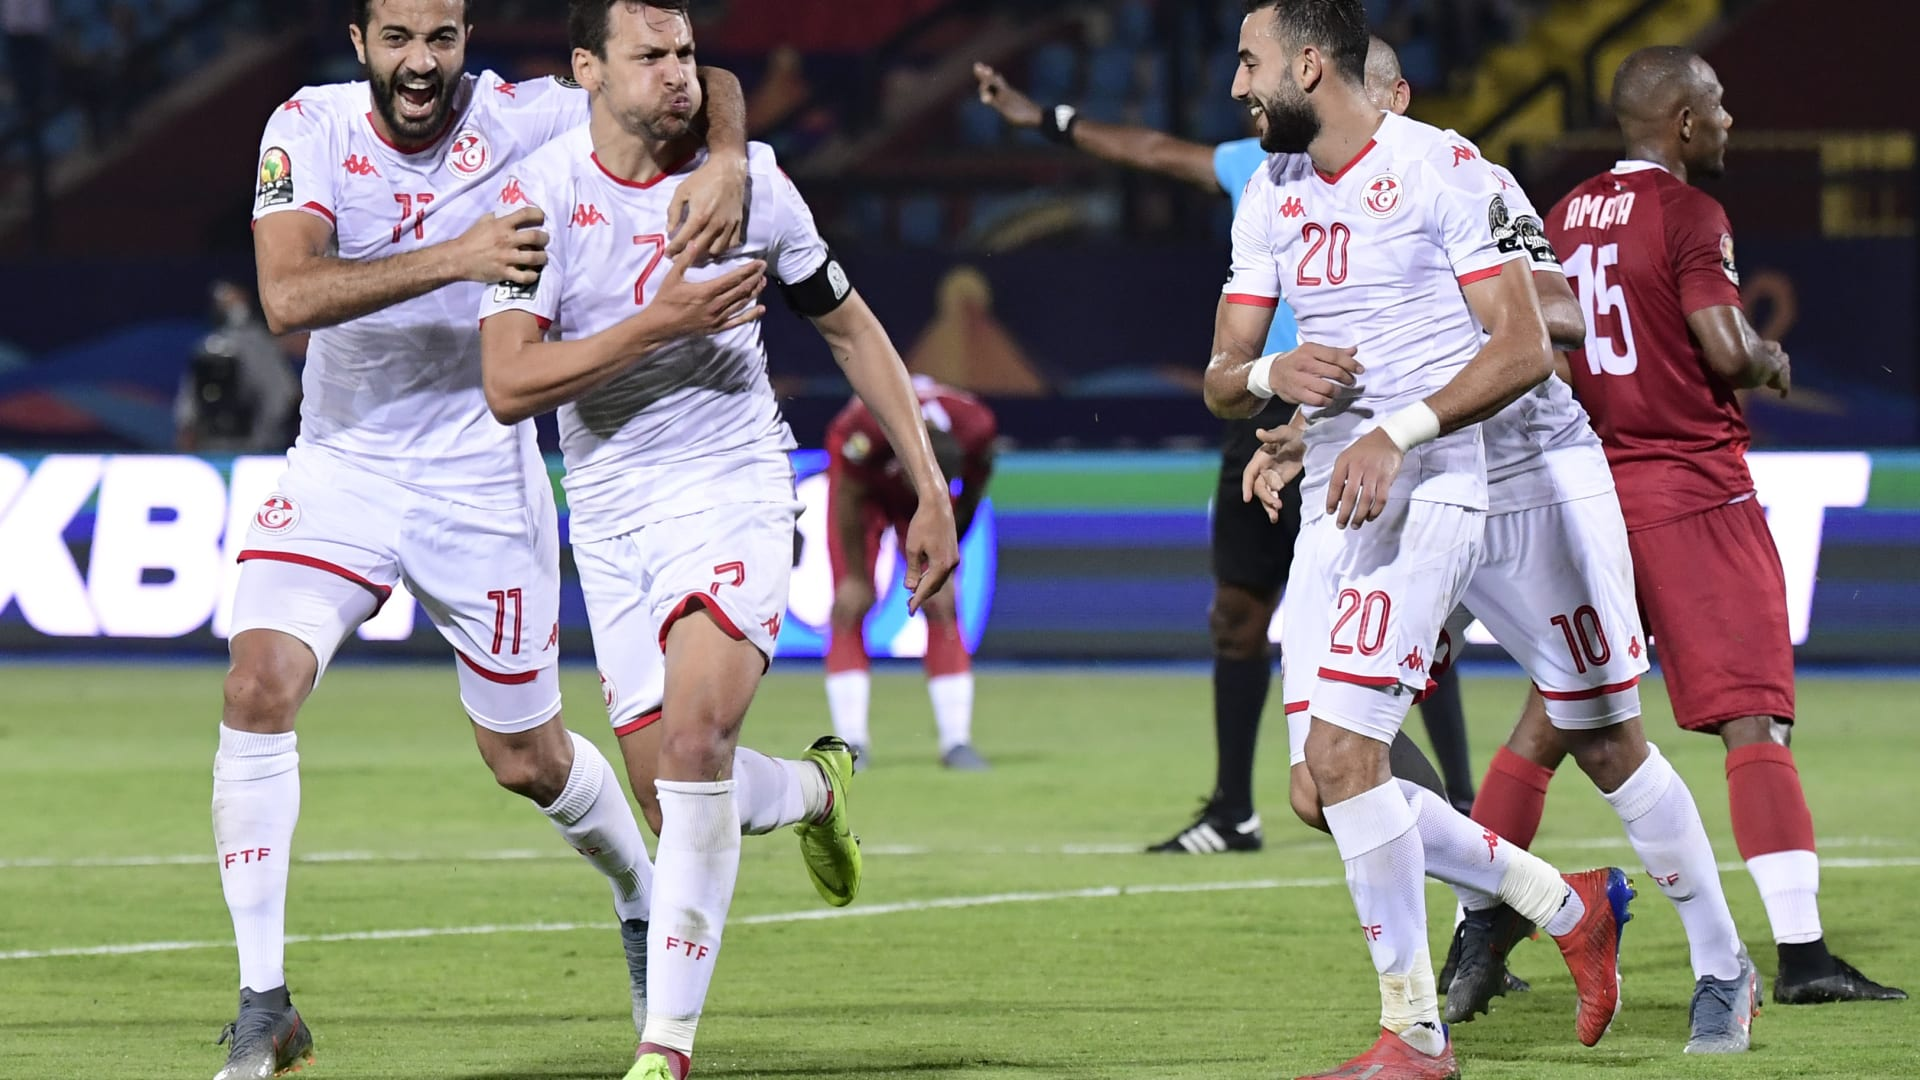 تونس تنهي مغامرة مدغشقر وتبلغ نصف نهائي بطولة أفريقيا